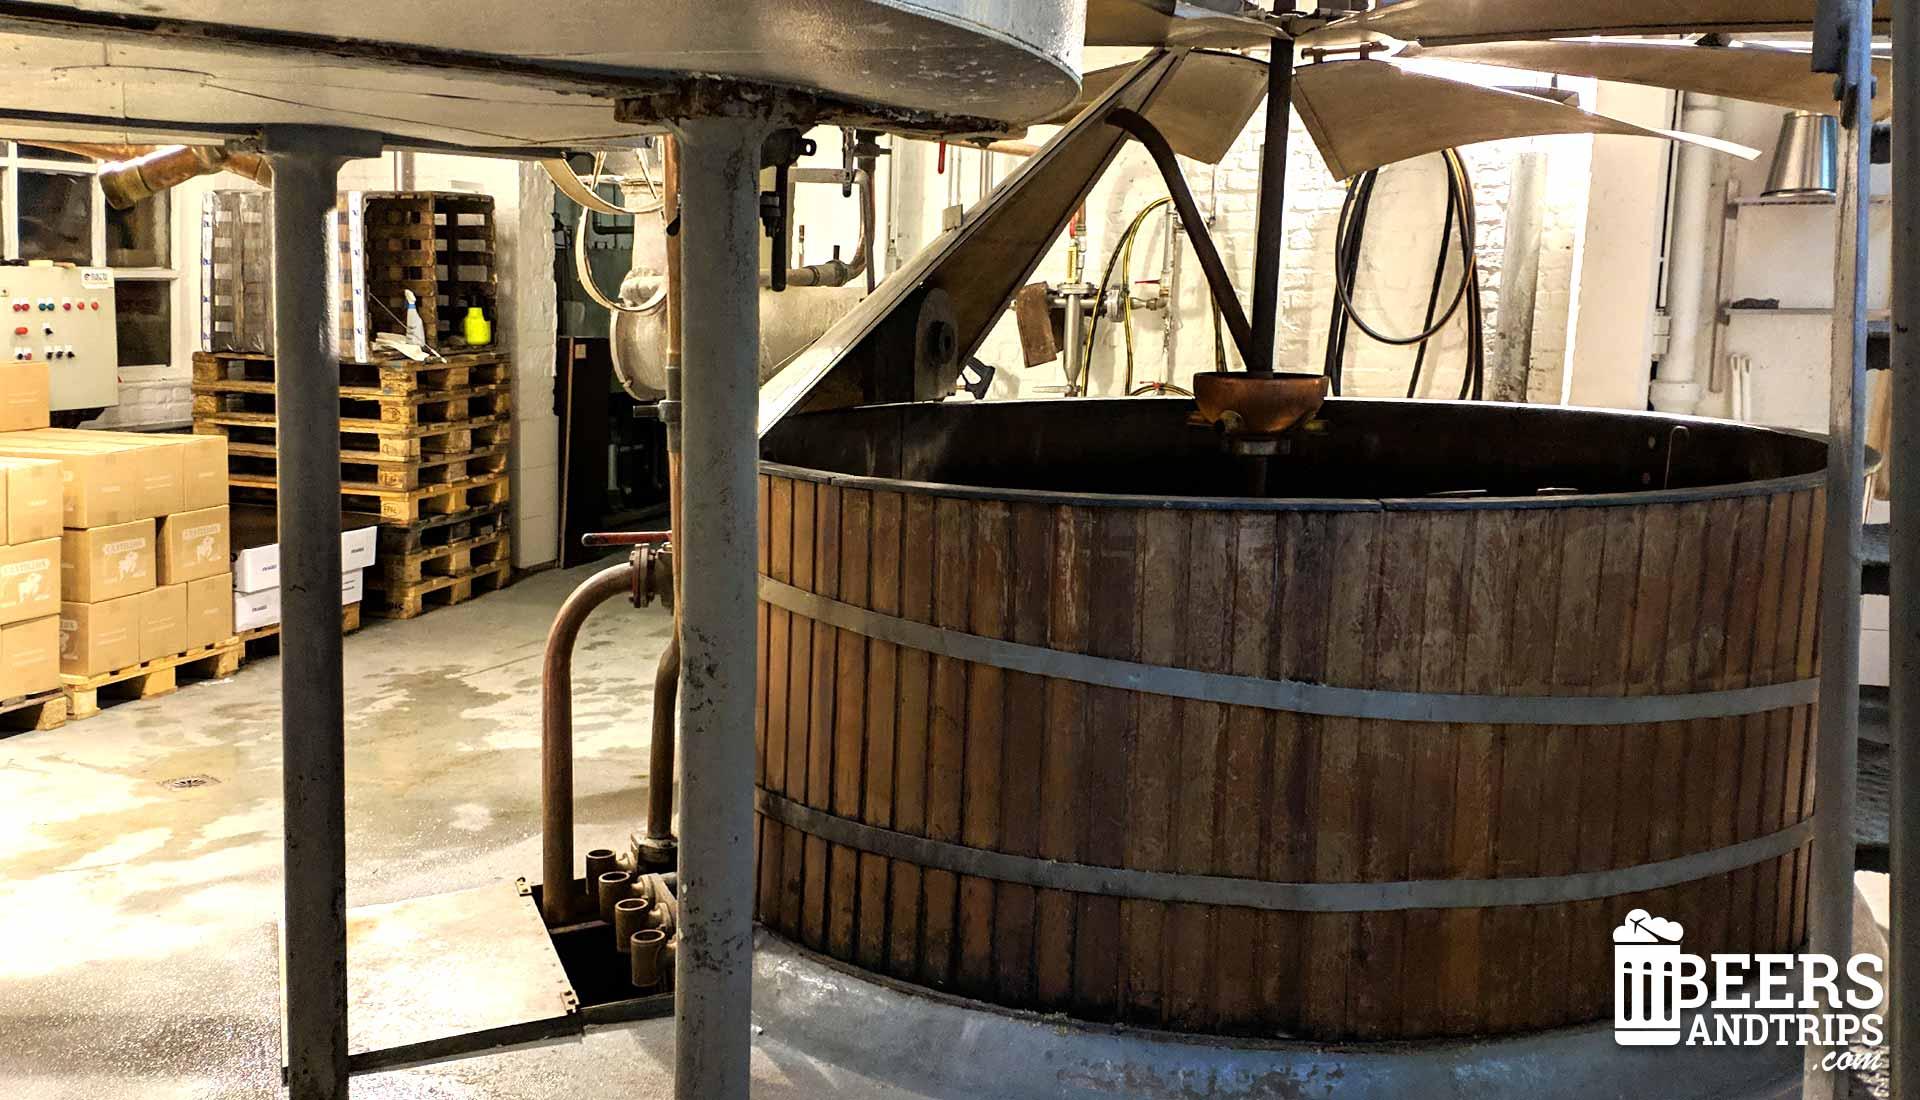 Macerador de Cantillon